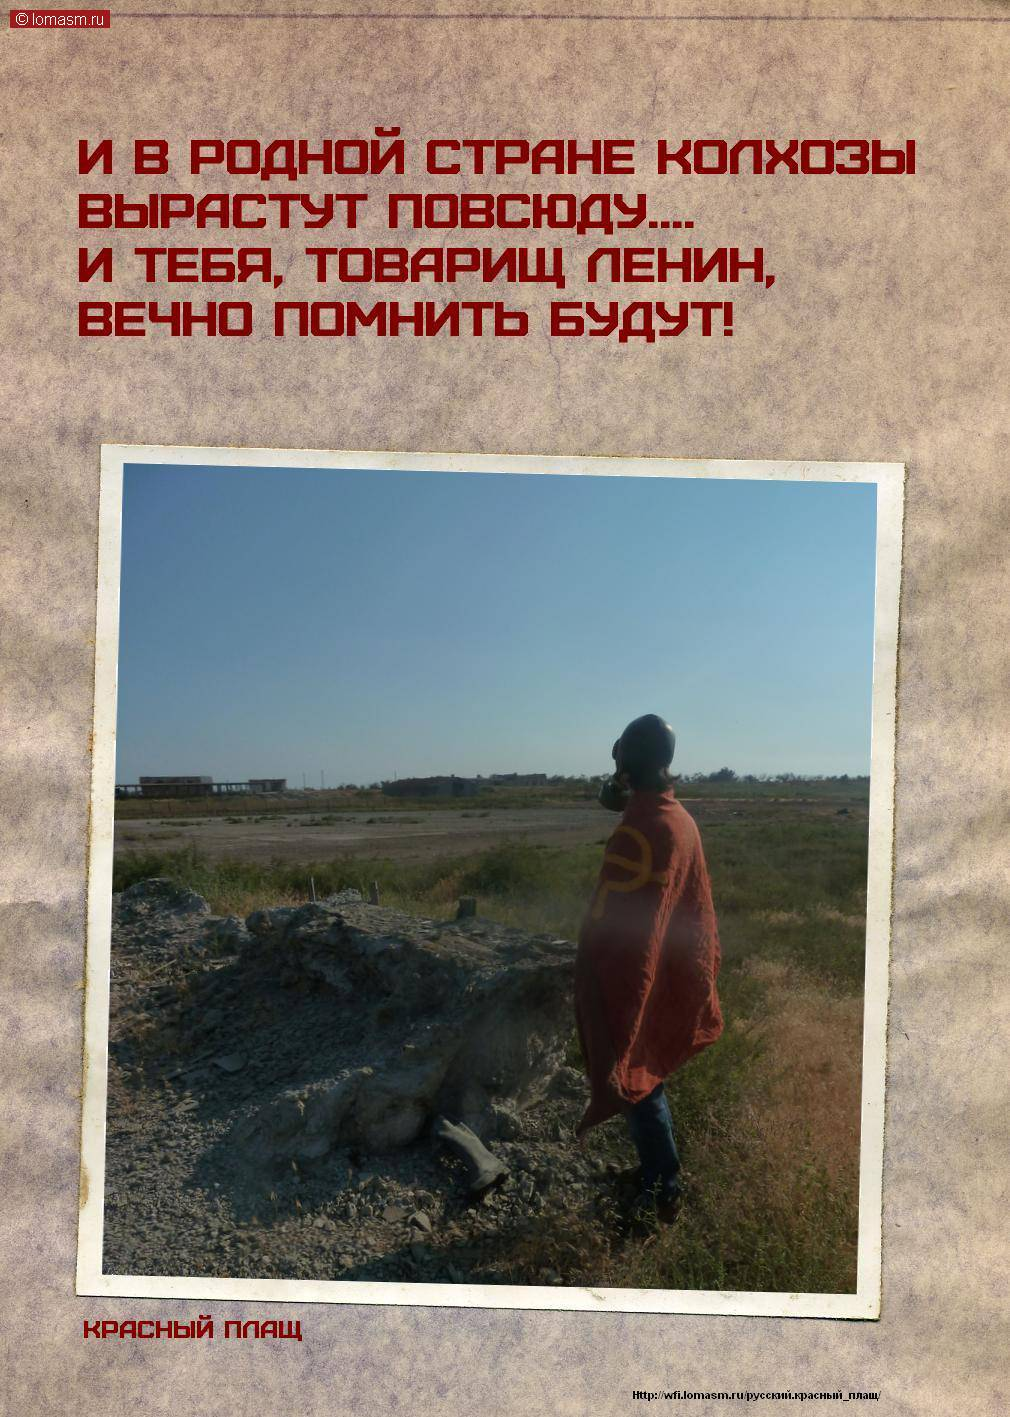 И в родной стране колхозы    Вырастут повсюду.    И тебя, товарищ Ленин,    Вечно помнить будут!      Красный плащ...